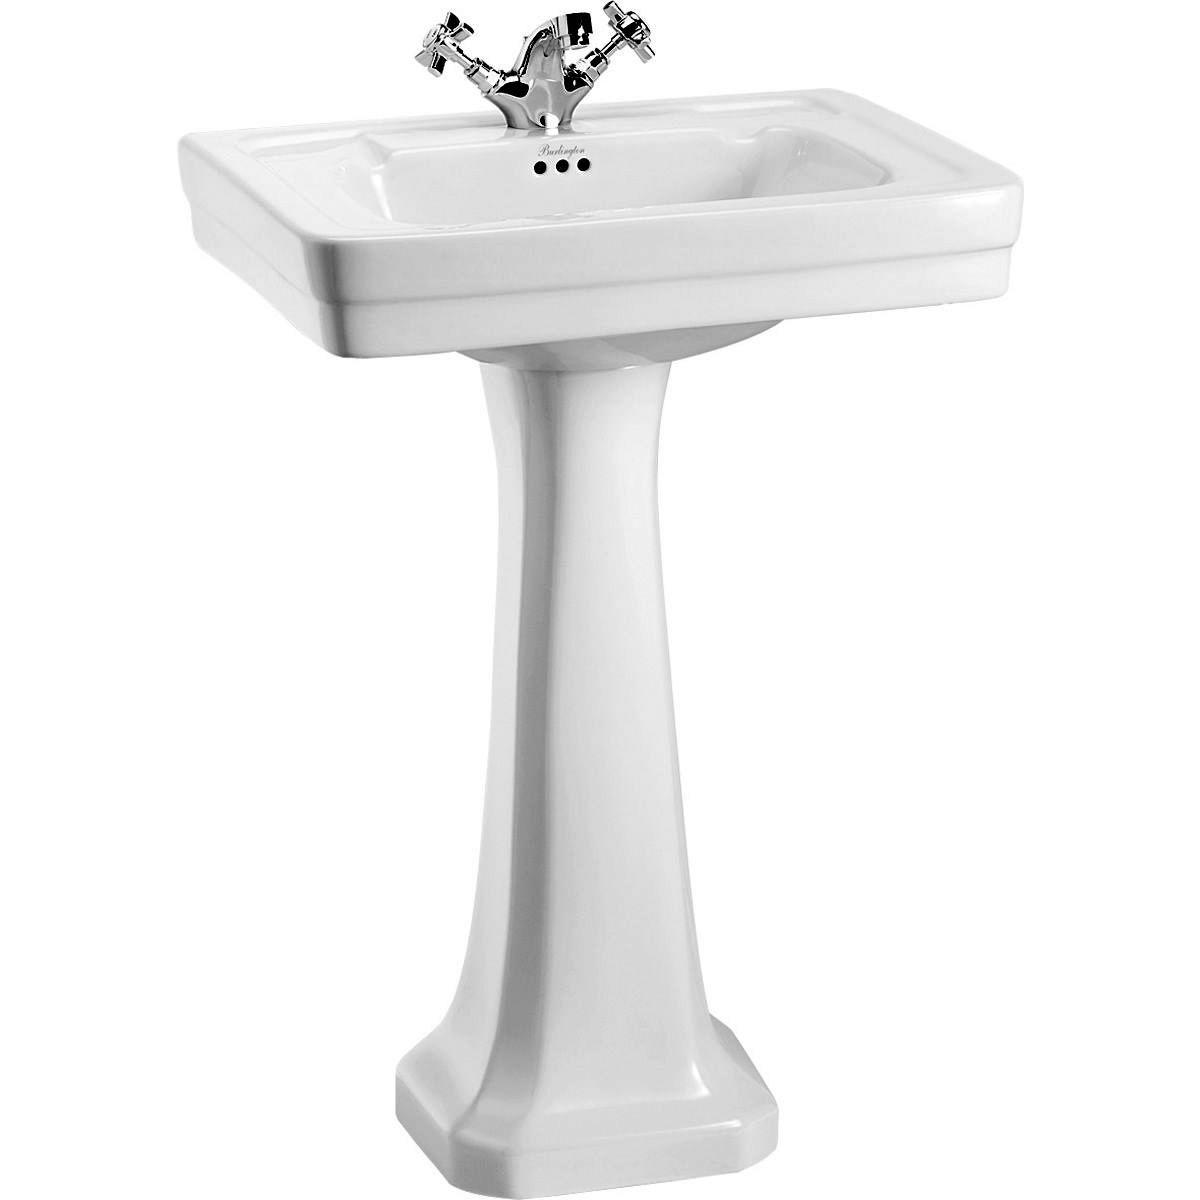 Traditional bathroom sink - Burlington Contemporary Basin